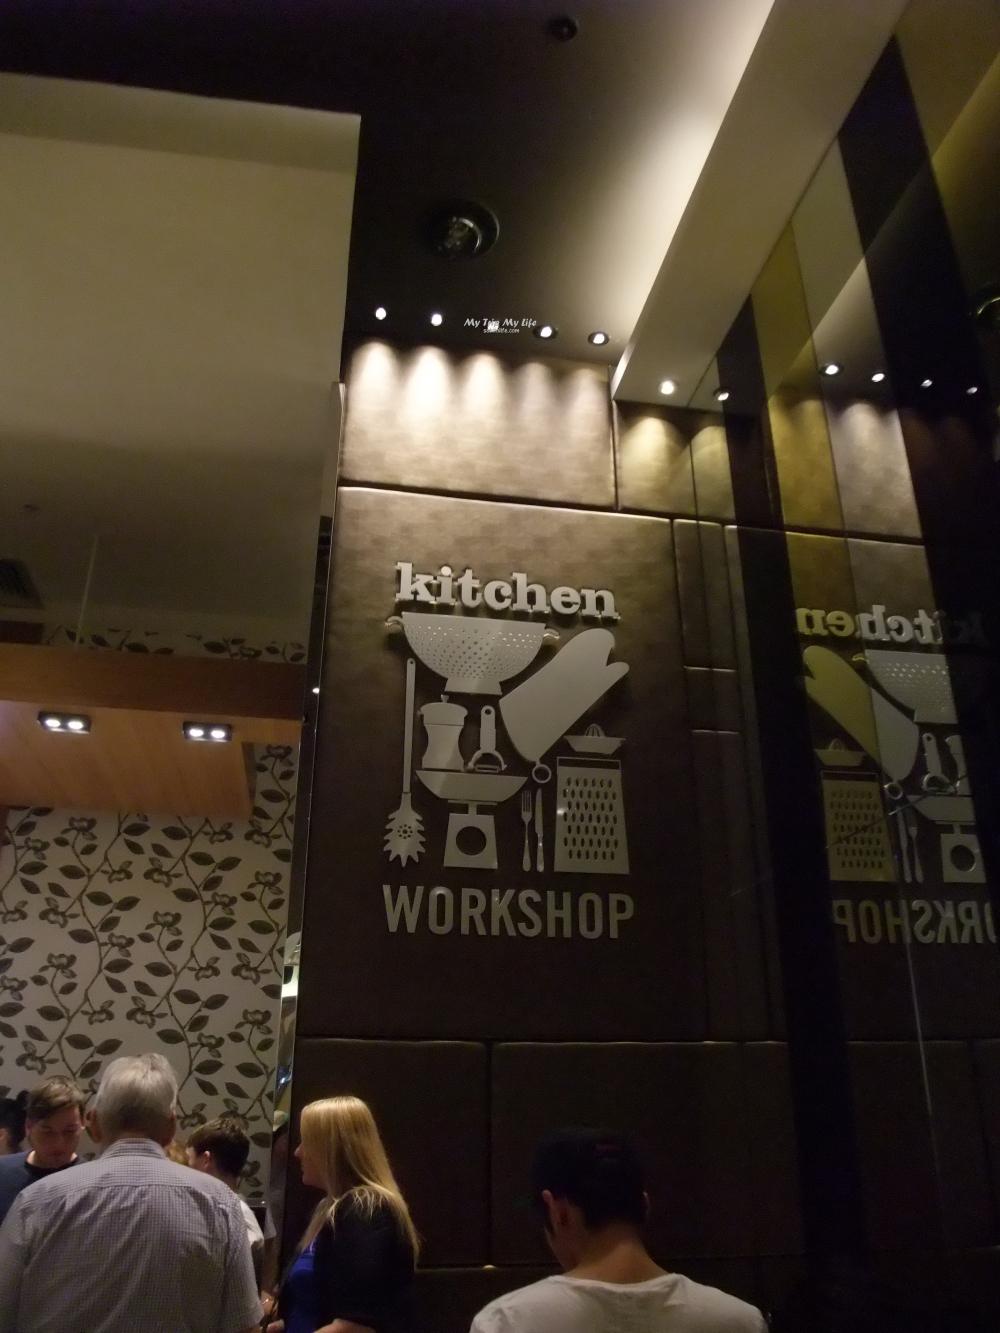 【澳洲旅行】墨爾本 – 維多利亞國家美術館、Kitchen Workshop自助餐 @MY TRIP ‧ MY LIFE